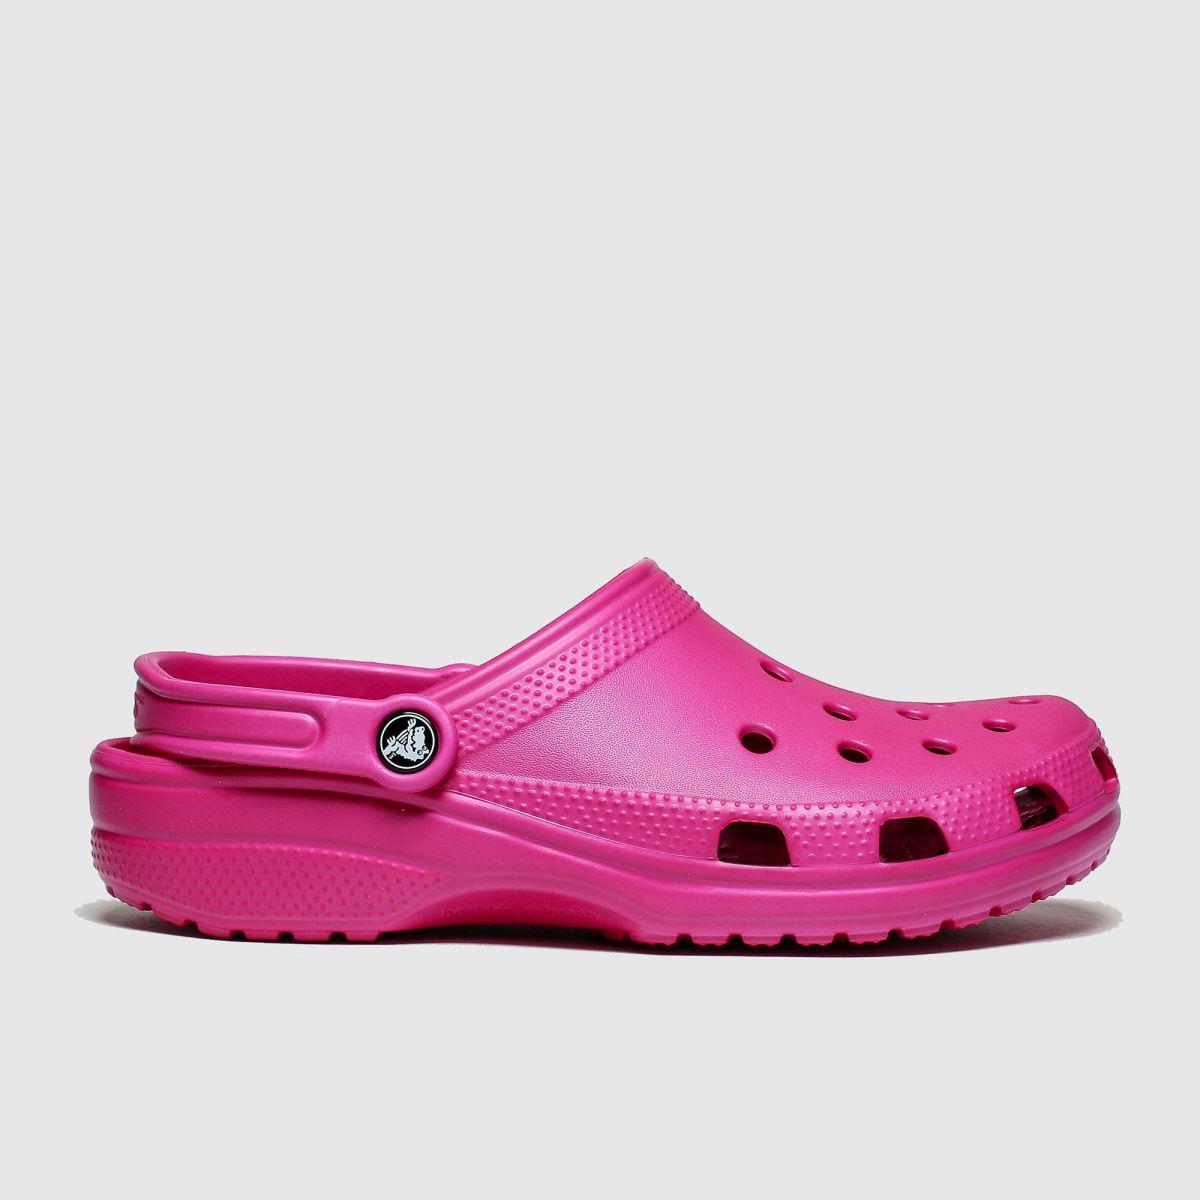 Crocs Pink Classic Clog Sandals